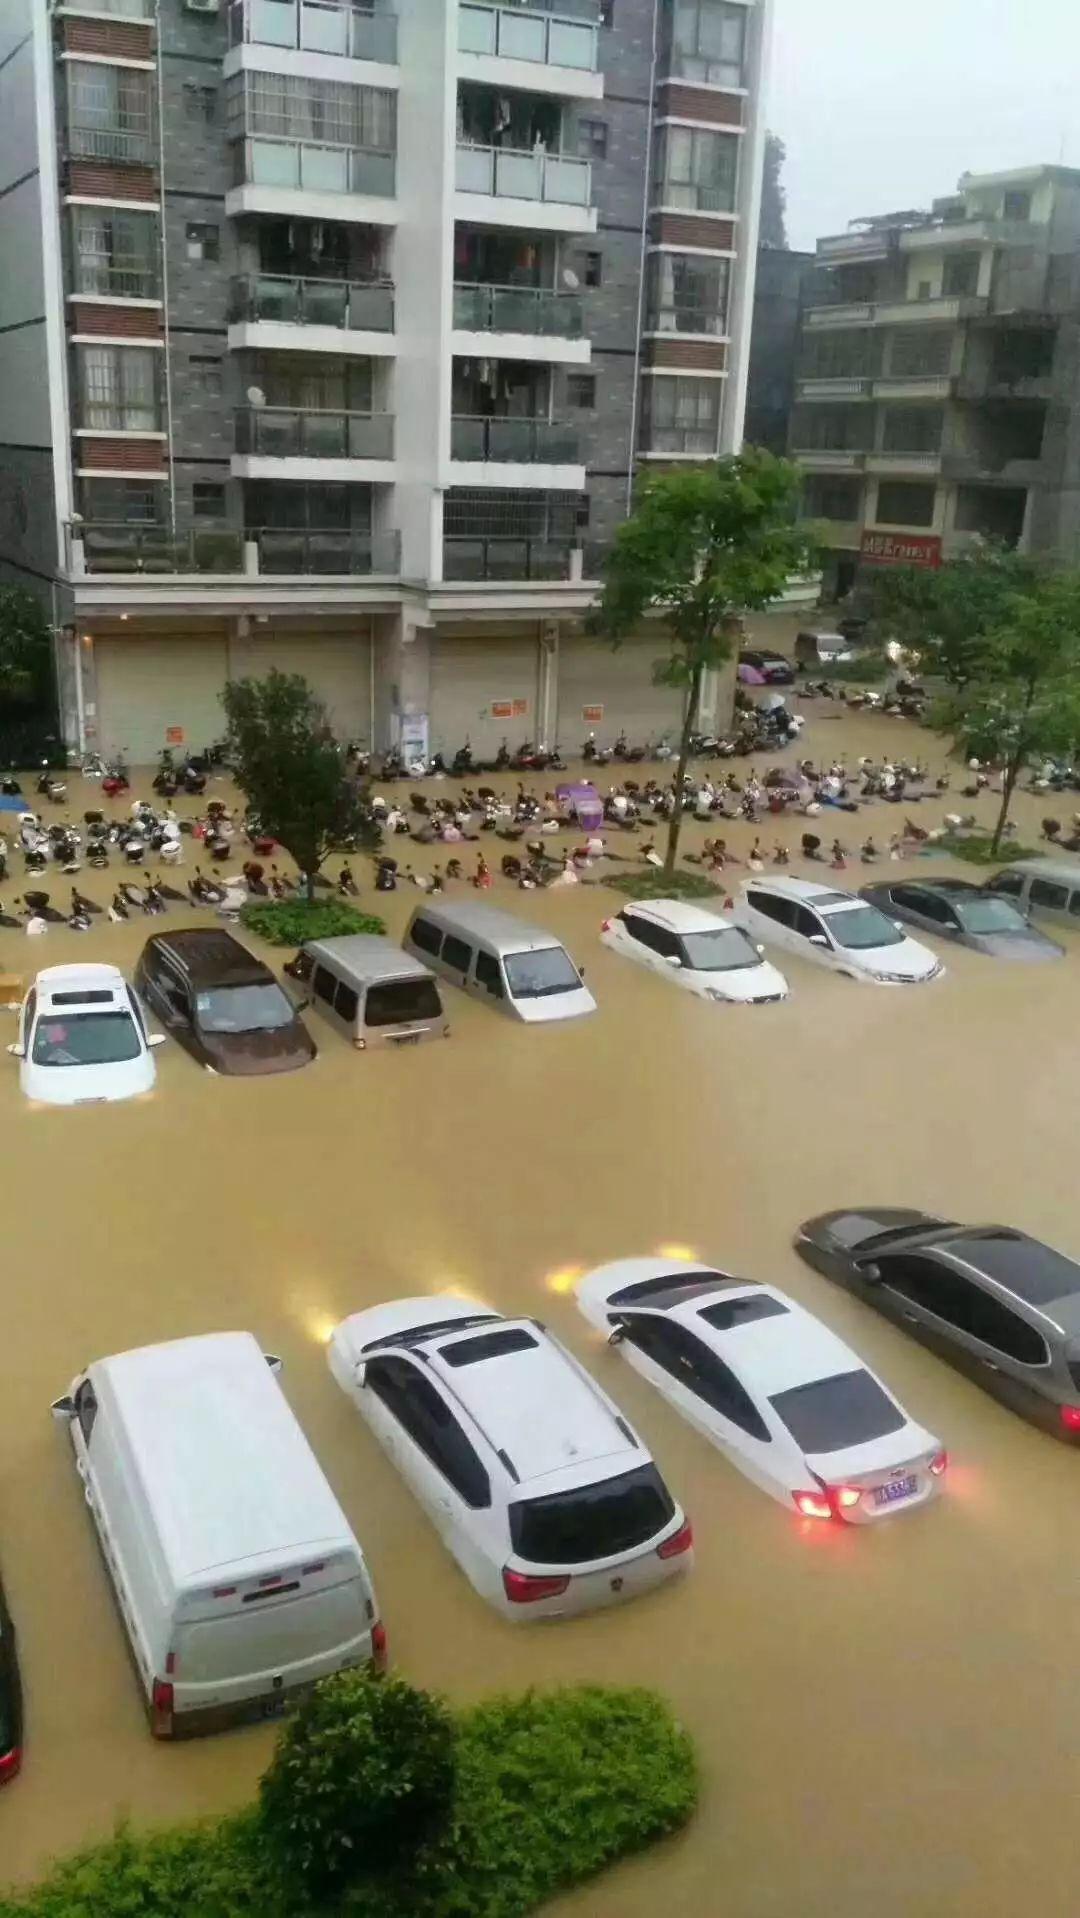 可怕!今早东莞多地严重水浸!未来几天将发生暴雨到大暴雨+8级大风.........